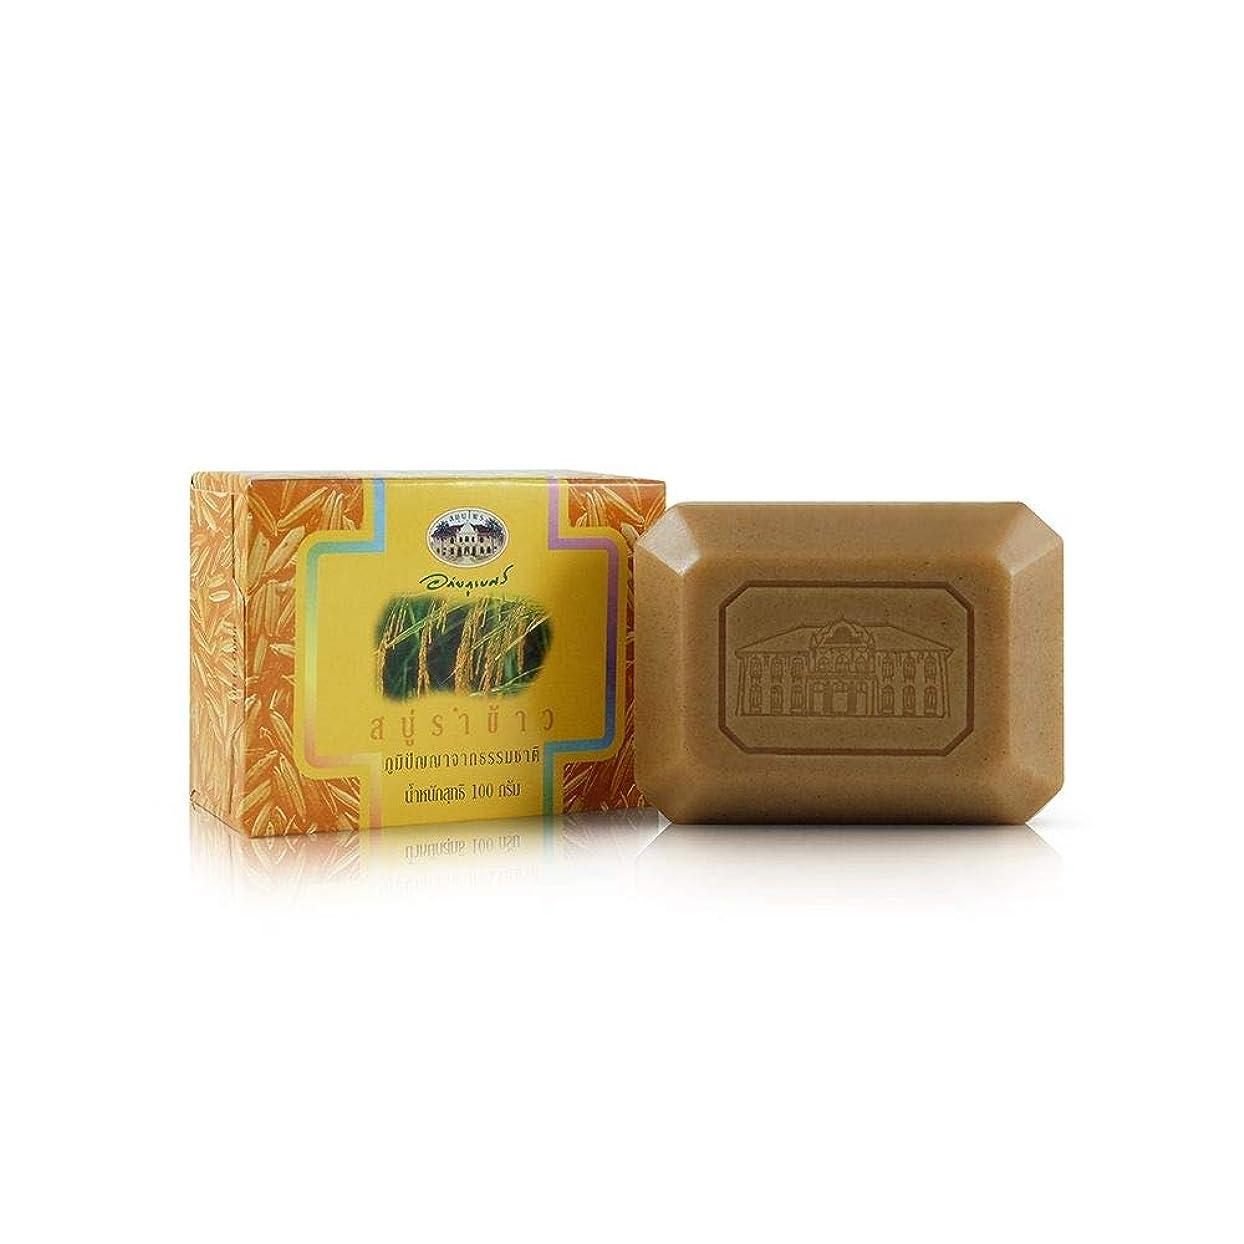 スペアの配列シンプルさAbhaibhubejhr Rice Bran Herbal Body Cleansing Soap 100g. Abhaibhubejhrライスブランハーブボディクレンジングソープ100グラム。